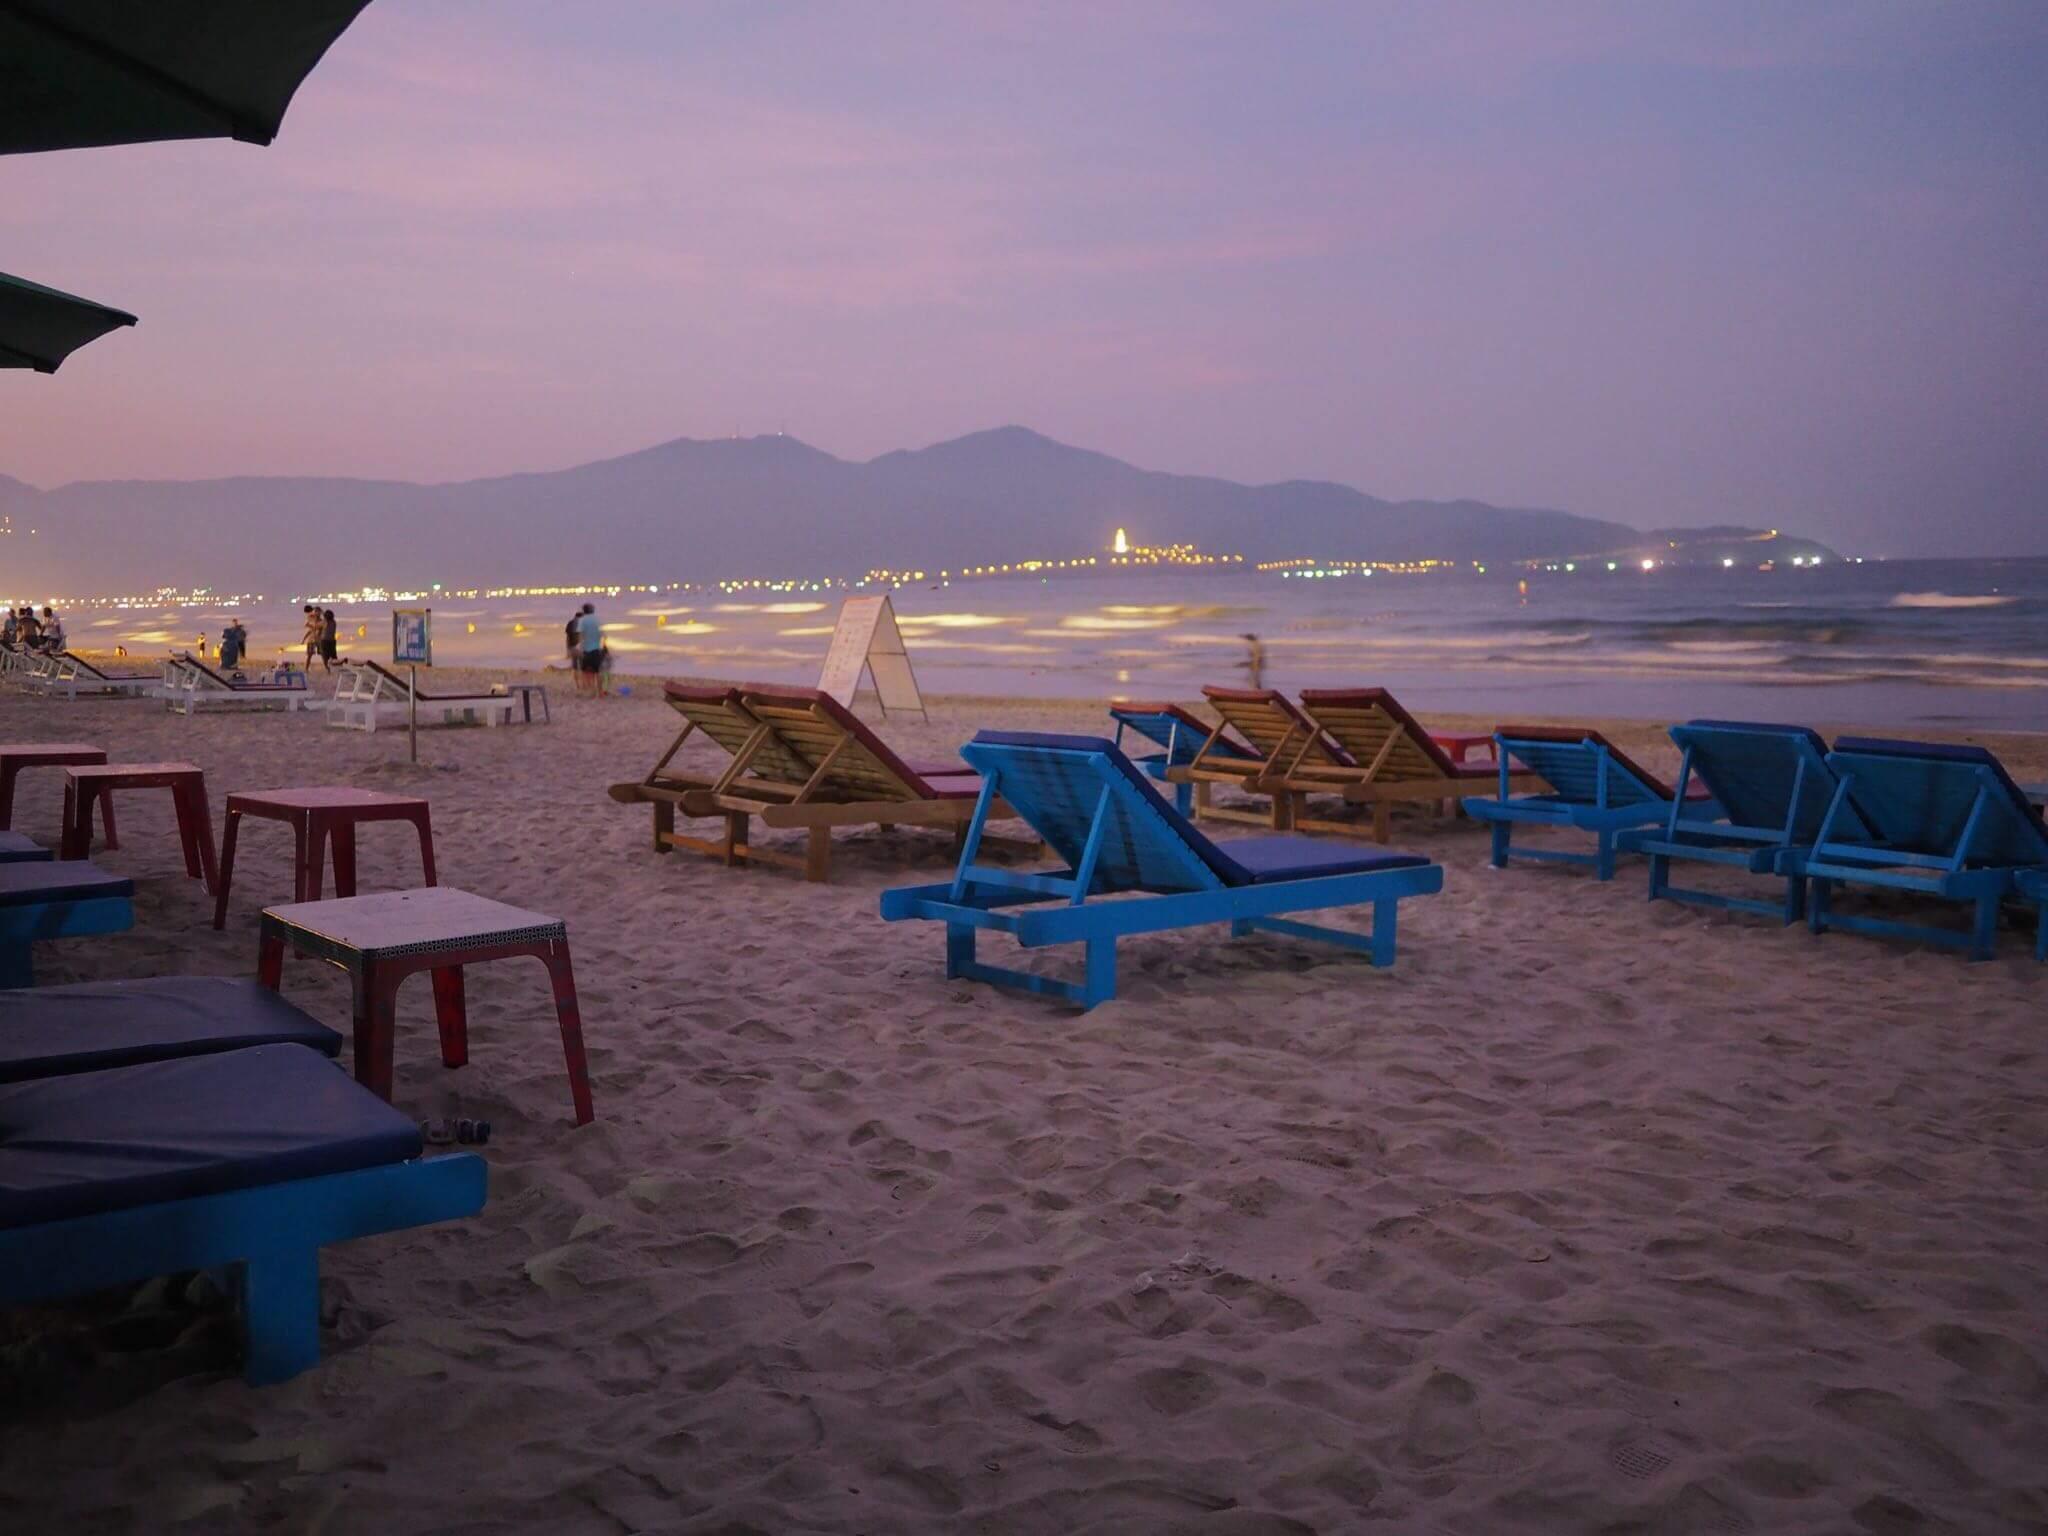 ダナン ミーケビーチは昼と夜で二つの顔を見せてくれる!観光客も少ないのでおすすめ